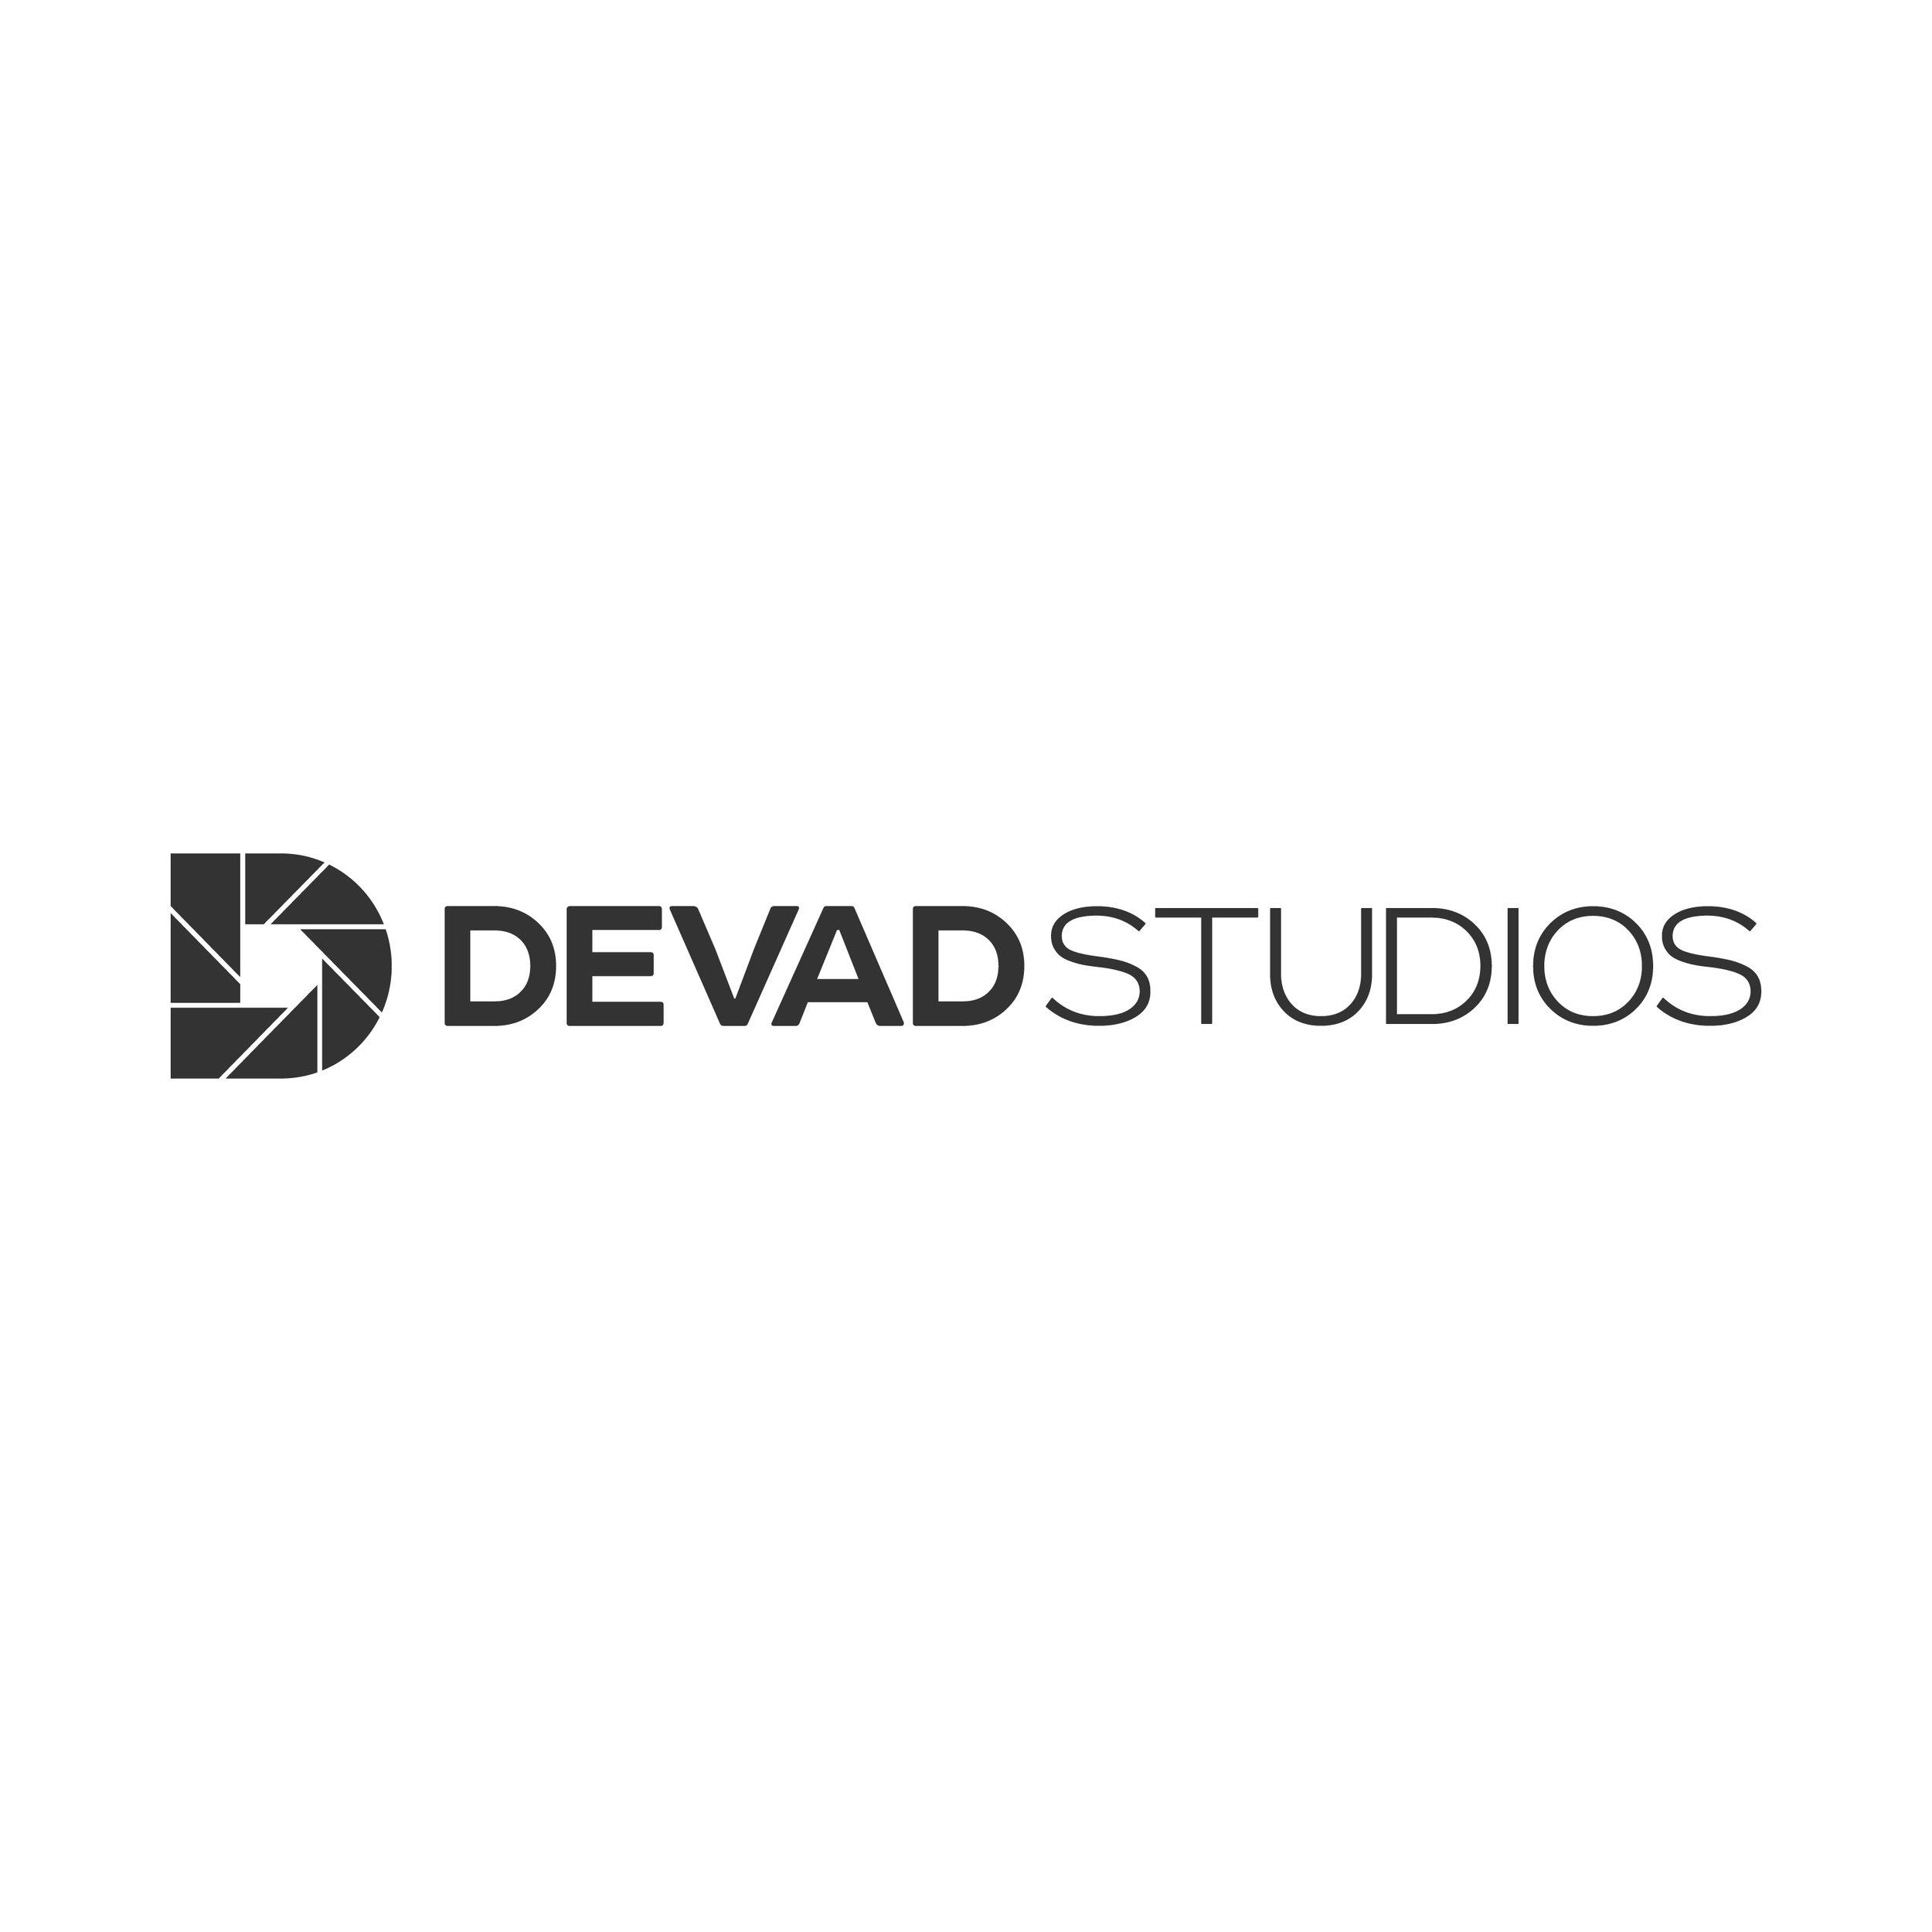 Logo_DevadStudios-01.jpg